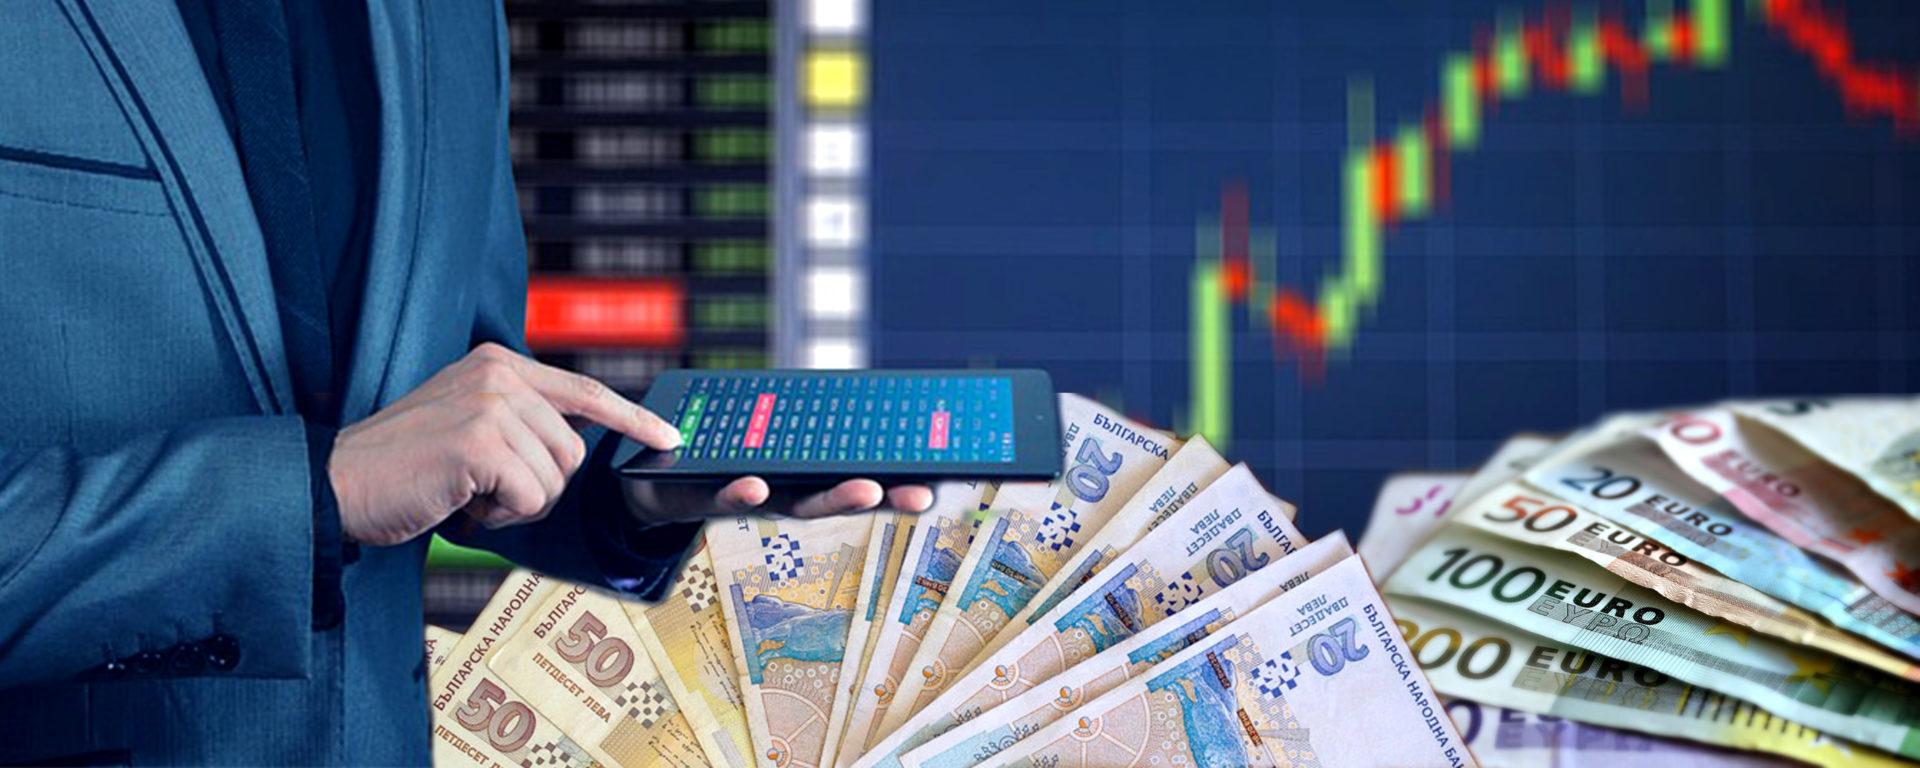 Введут ли в Болгарии евро?